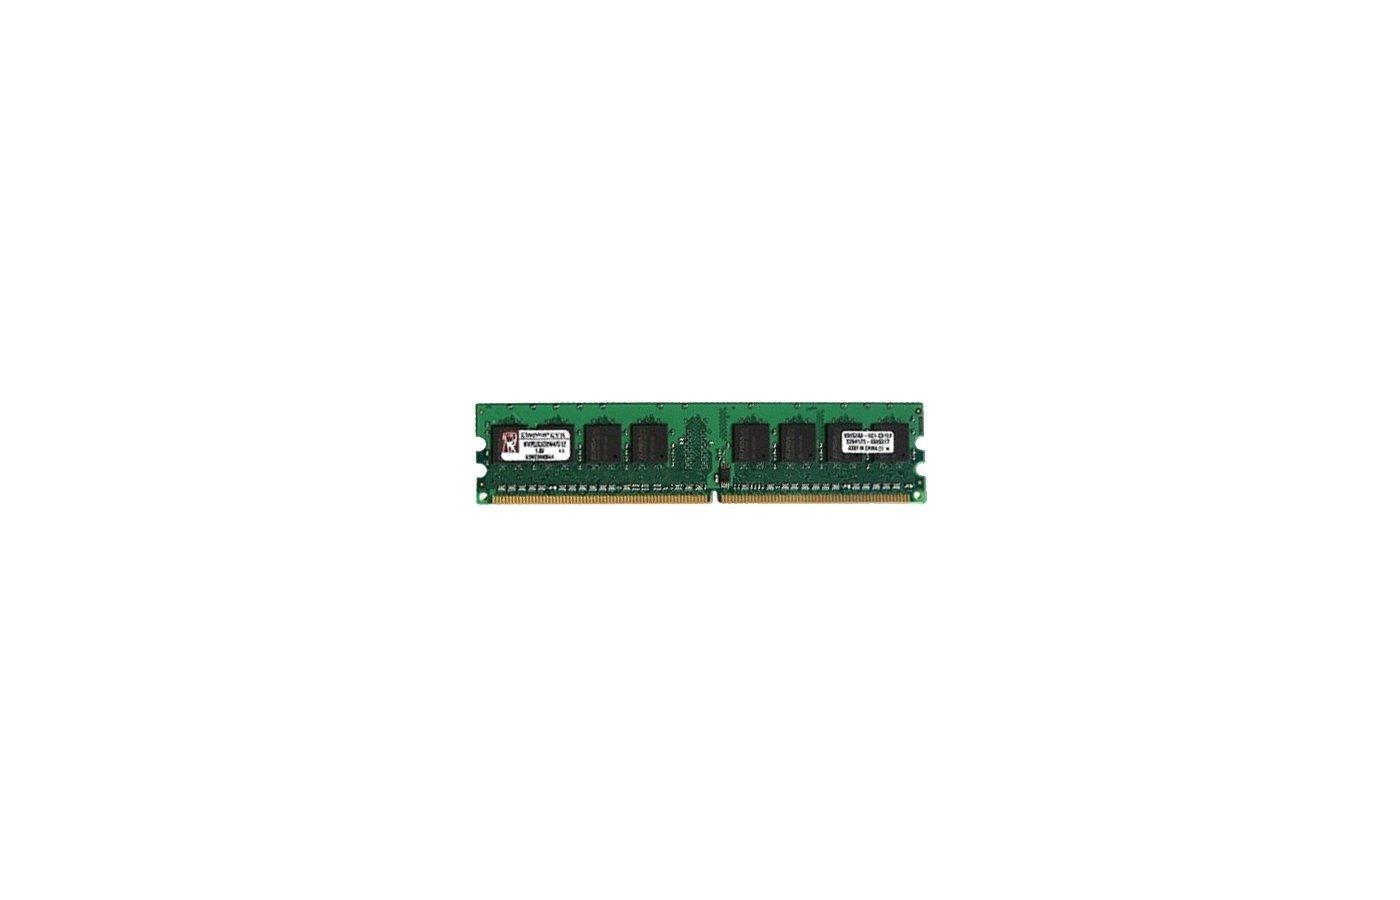 Оперативная память Kingston KVR800D2N6/2G RTL PC2-6400 DDR2 2Gb 800MHz CL6